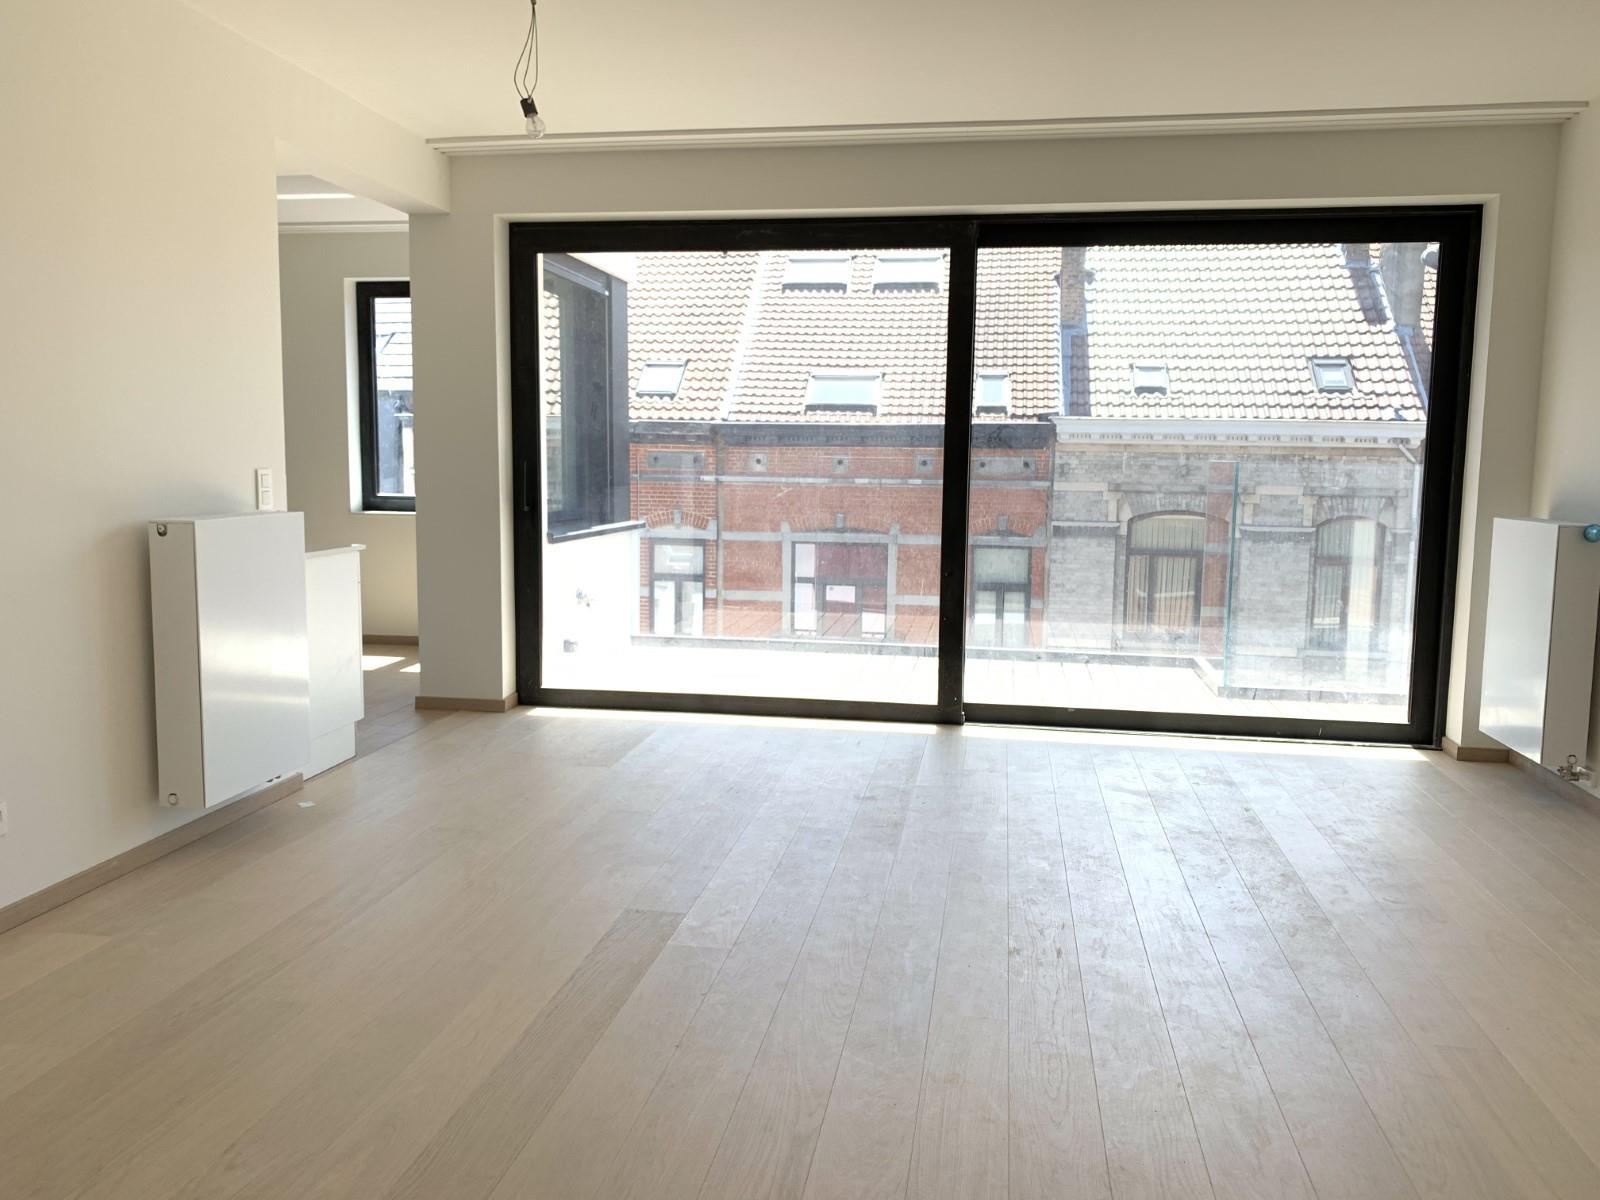 Appartement exceptionnel - Ixelles - #3929606-1